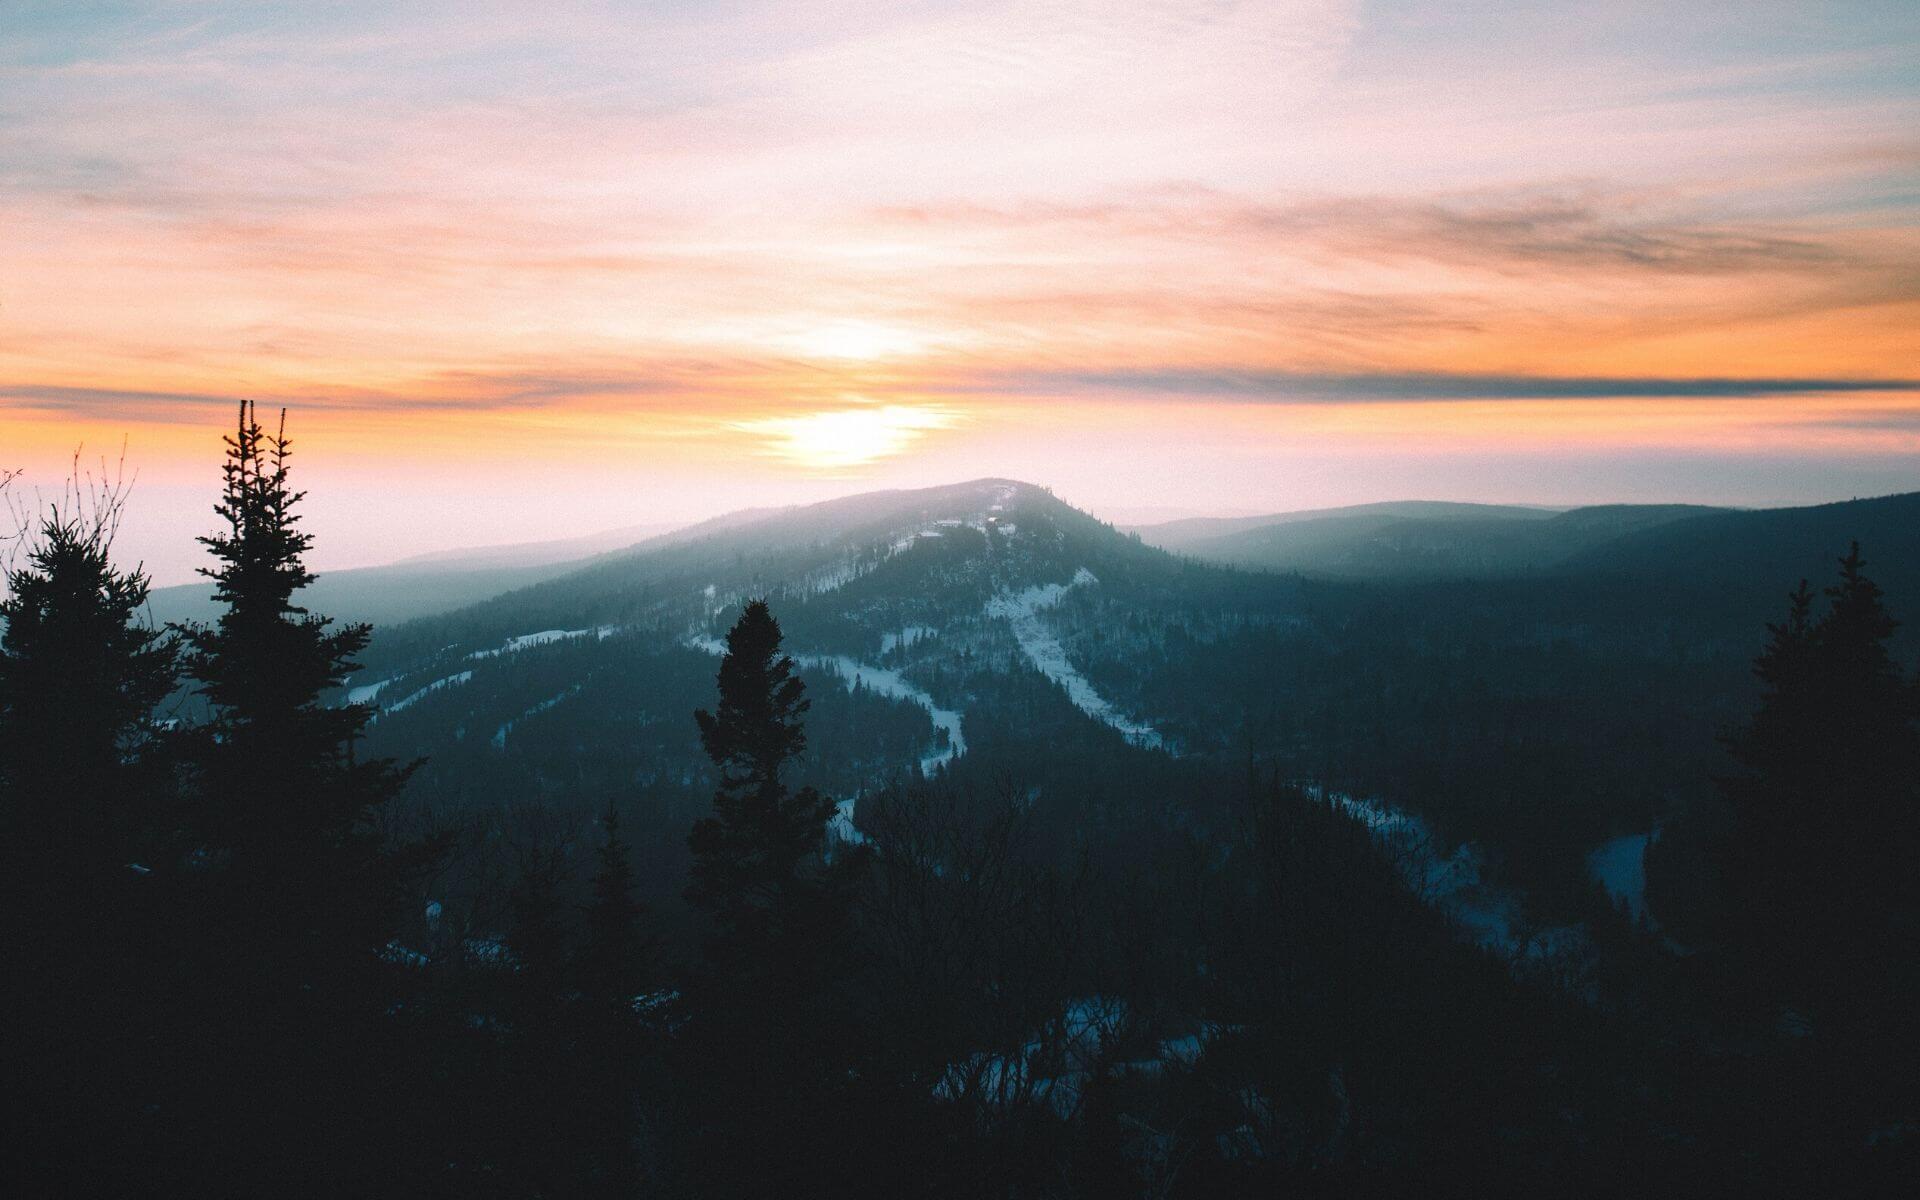 407 Motivationssprüche, die dein Feuer entfachen werden